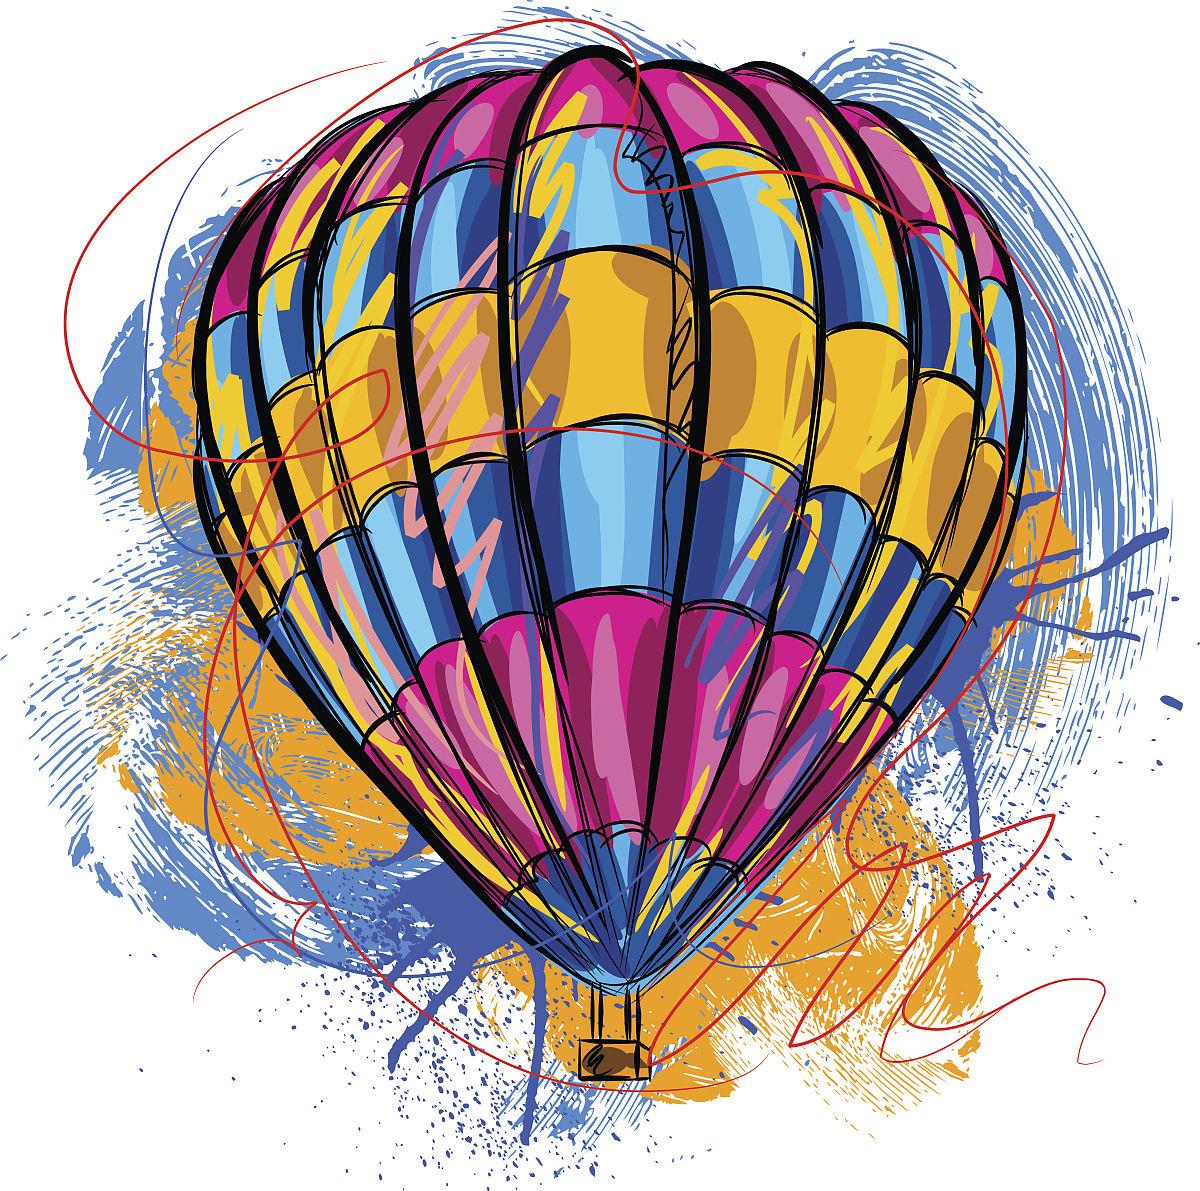 飞船,篮子,美术工艺,部落艺术,图片褪色处理,热气球,背景,美术效果图片